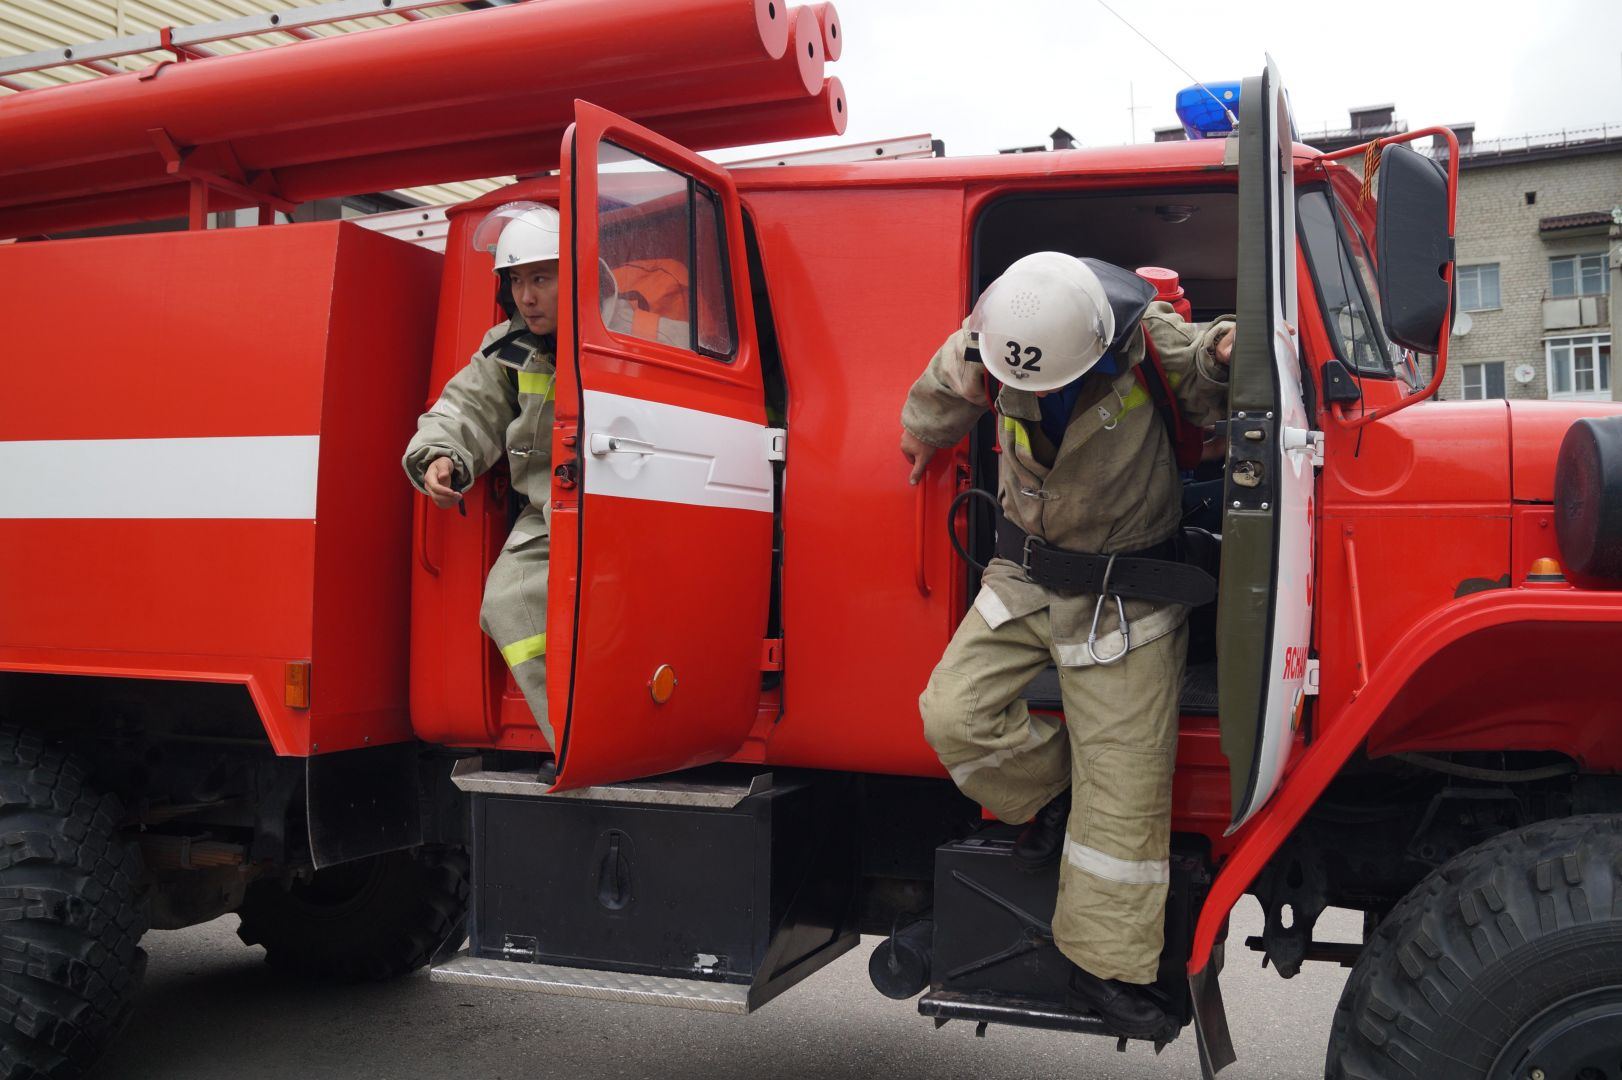 Пожарные локализовали разгорающийся пожар накрыше «Ставропольского бройлера»